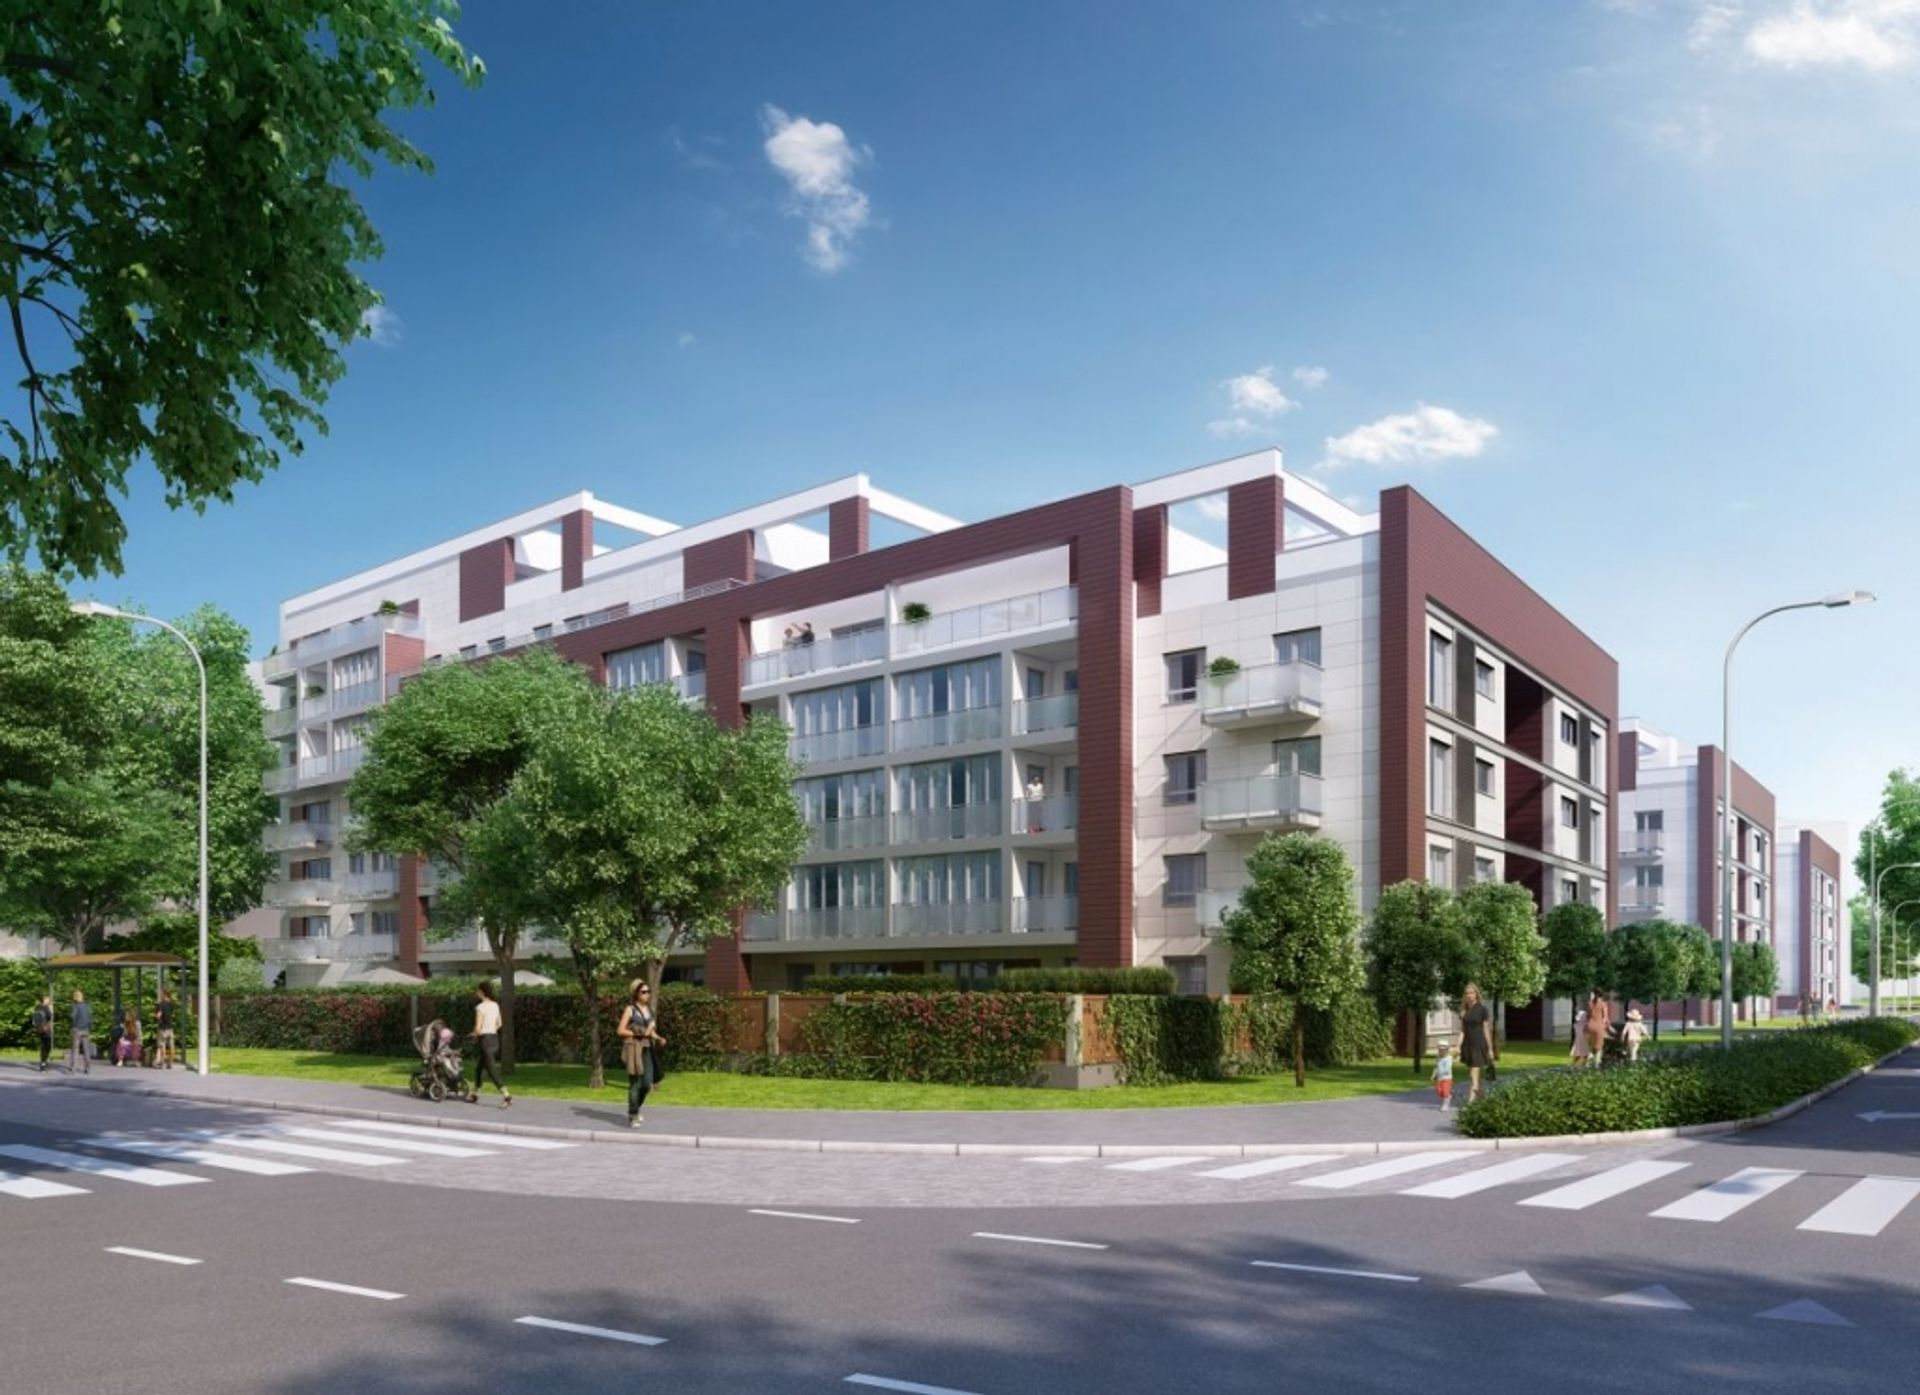 Wrocław: I2 Development rusza z inwestycją na Grabiszynie. Tak będą wyglądać Ogrody Grabiszyńskie